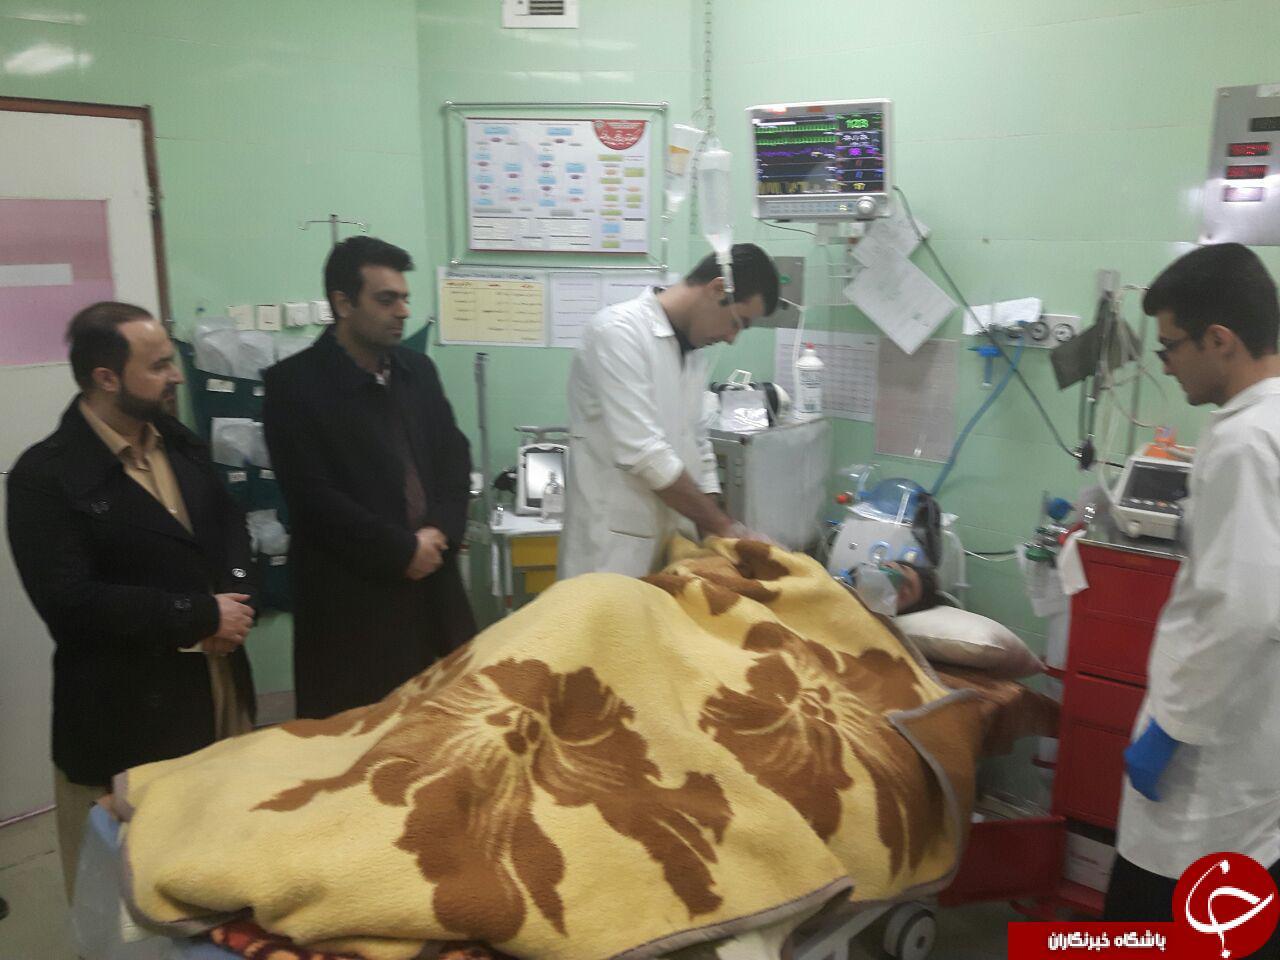 ریزش بهمن در سردشت جان 3 نفر را گرفت+ عکس و فیلم